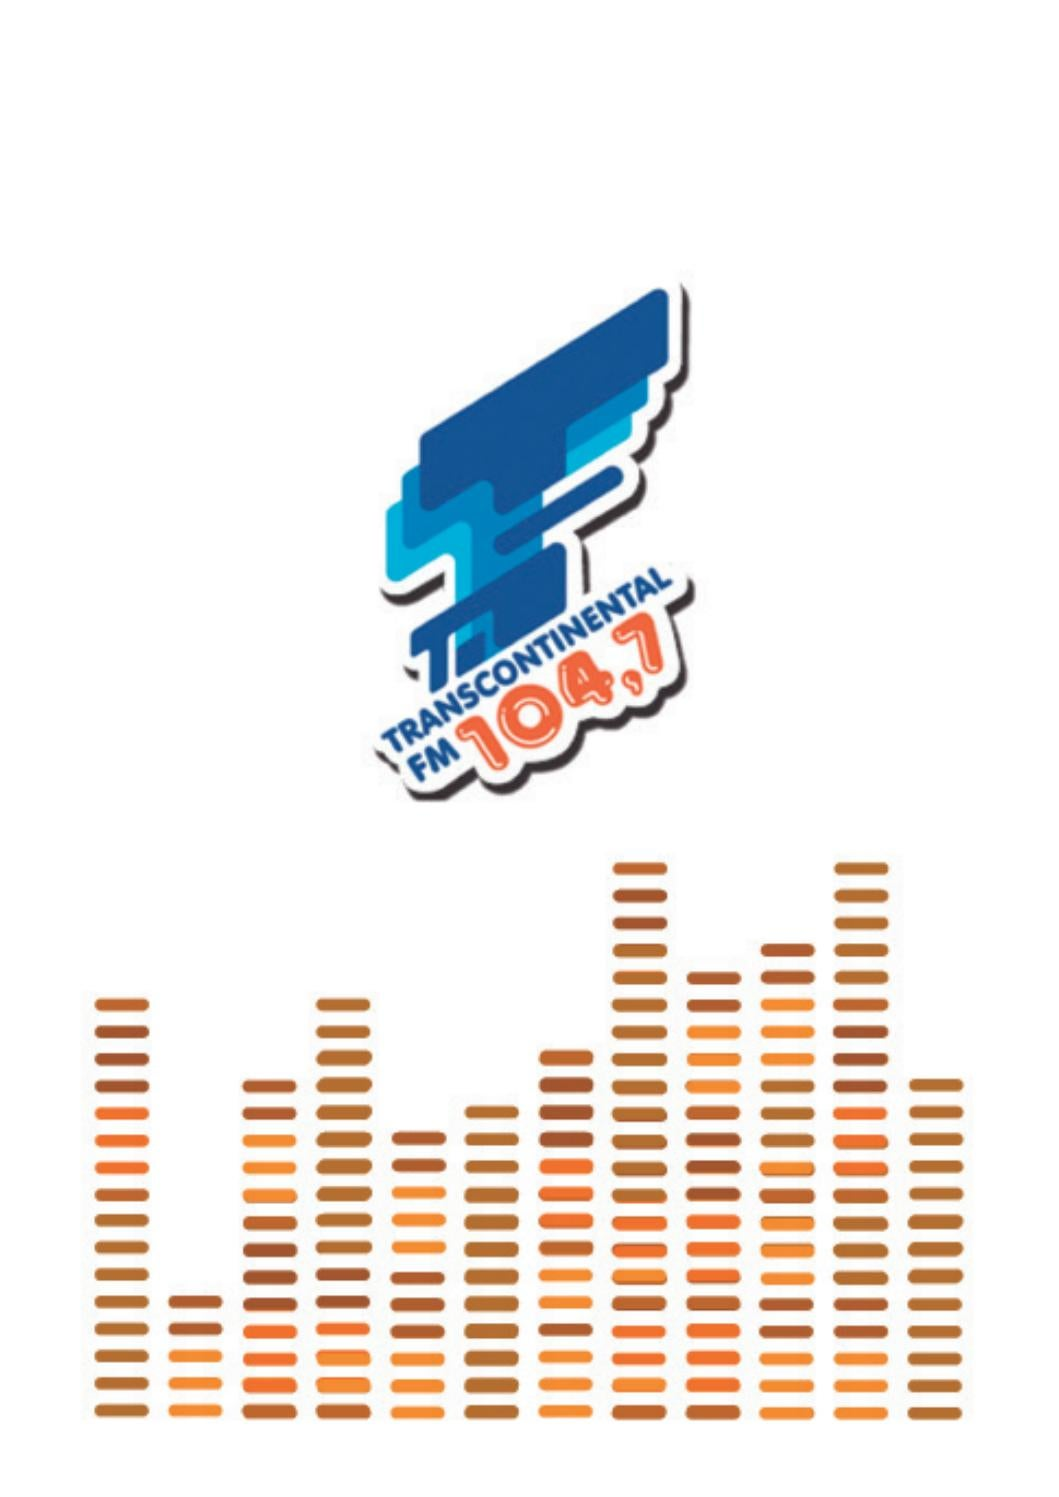 ENGRACADOS BAIXAR TOQUES PALCO MP3